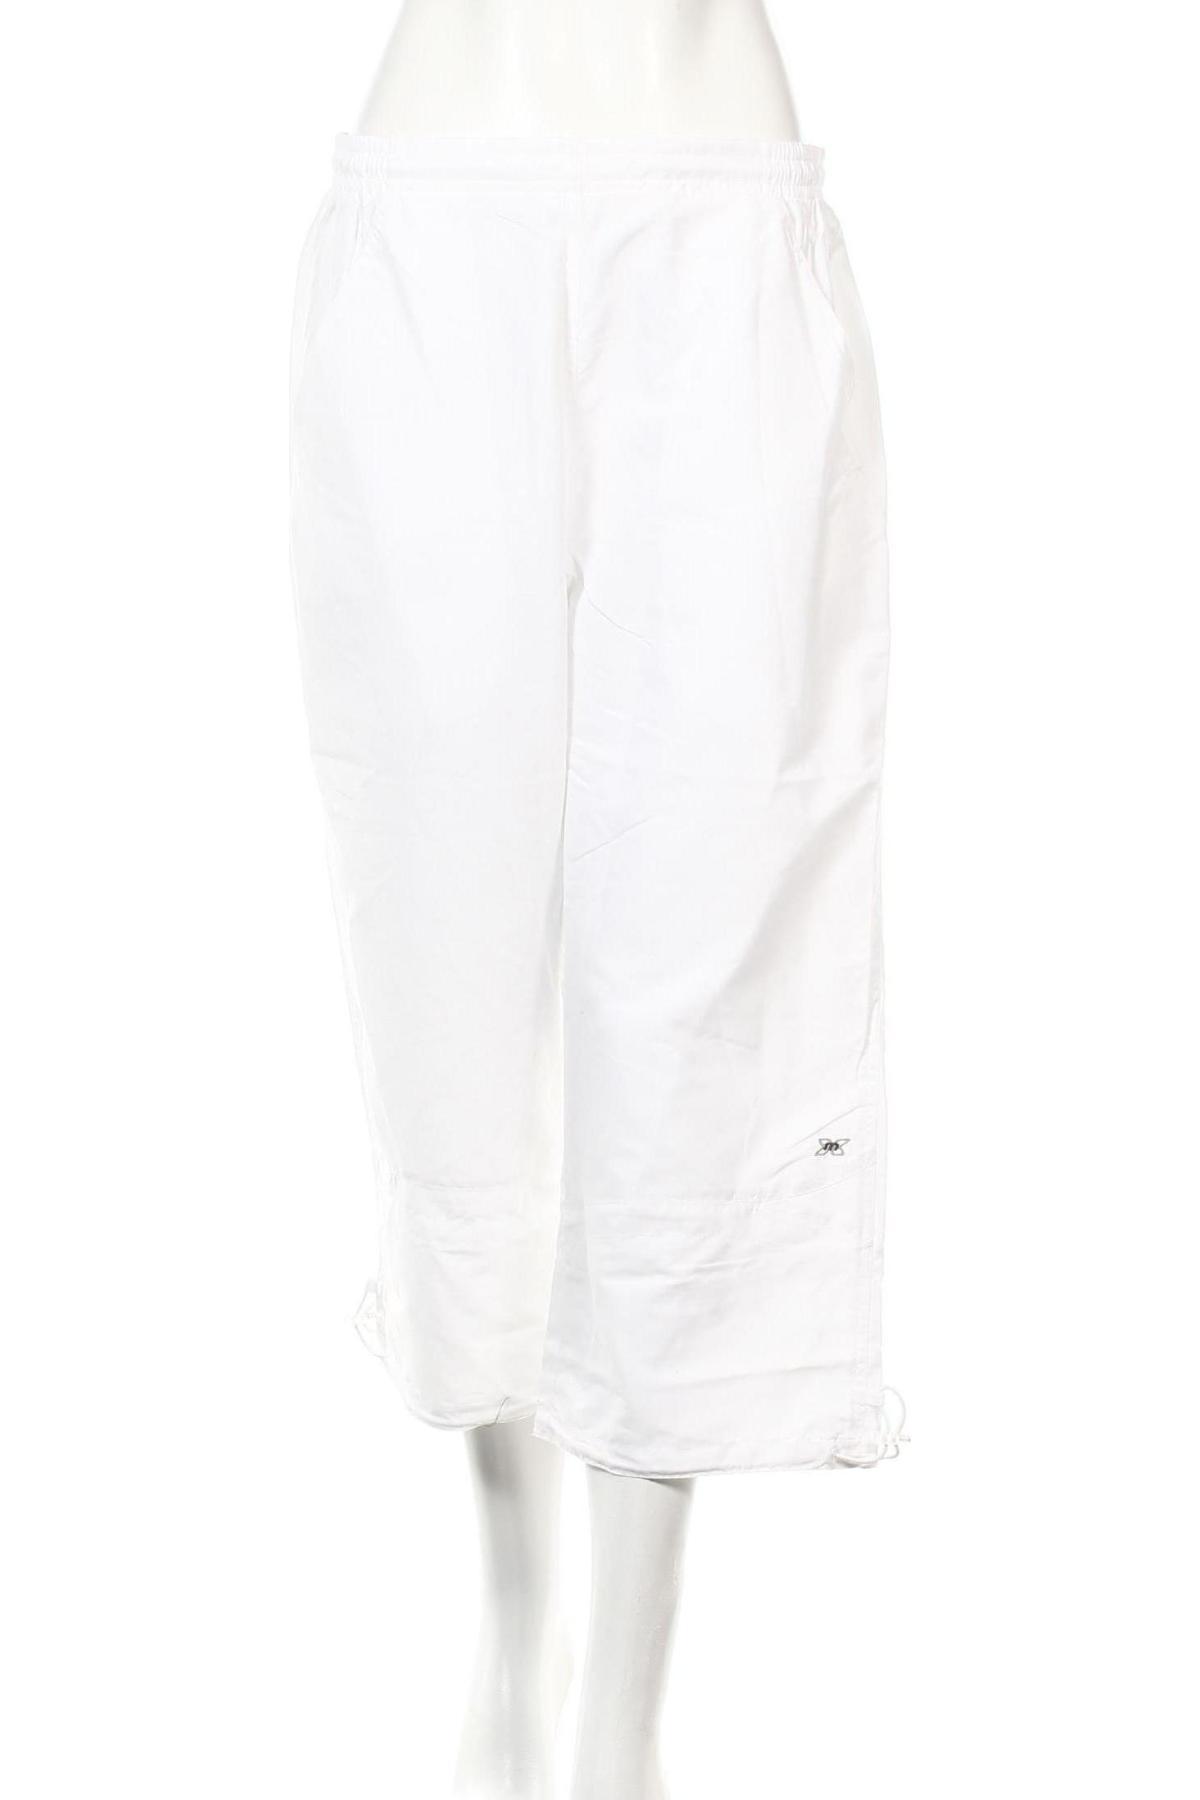 Дамско спортно долнище Masita, Размер XL, Цвят Бял, Полиестер, Цена 3,36лв.